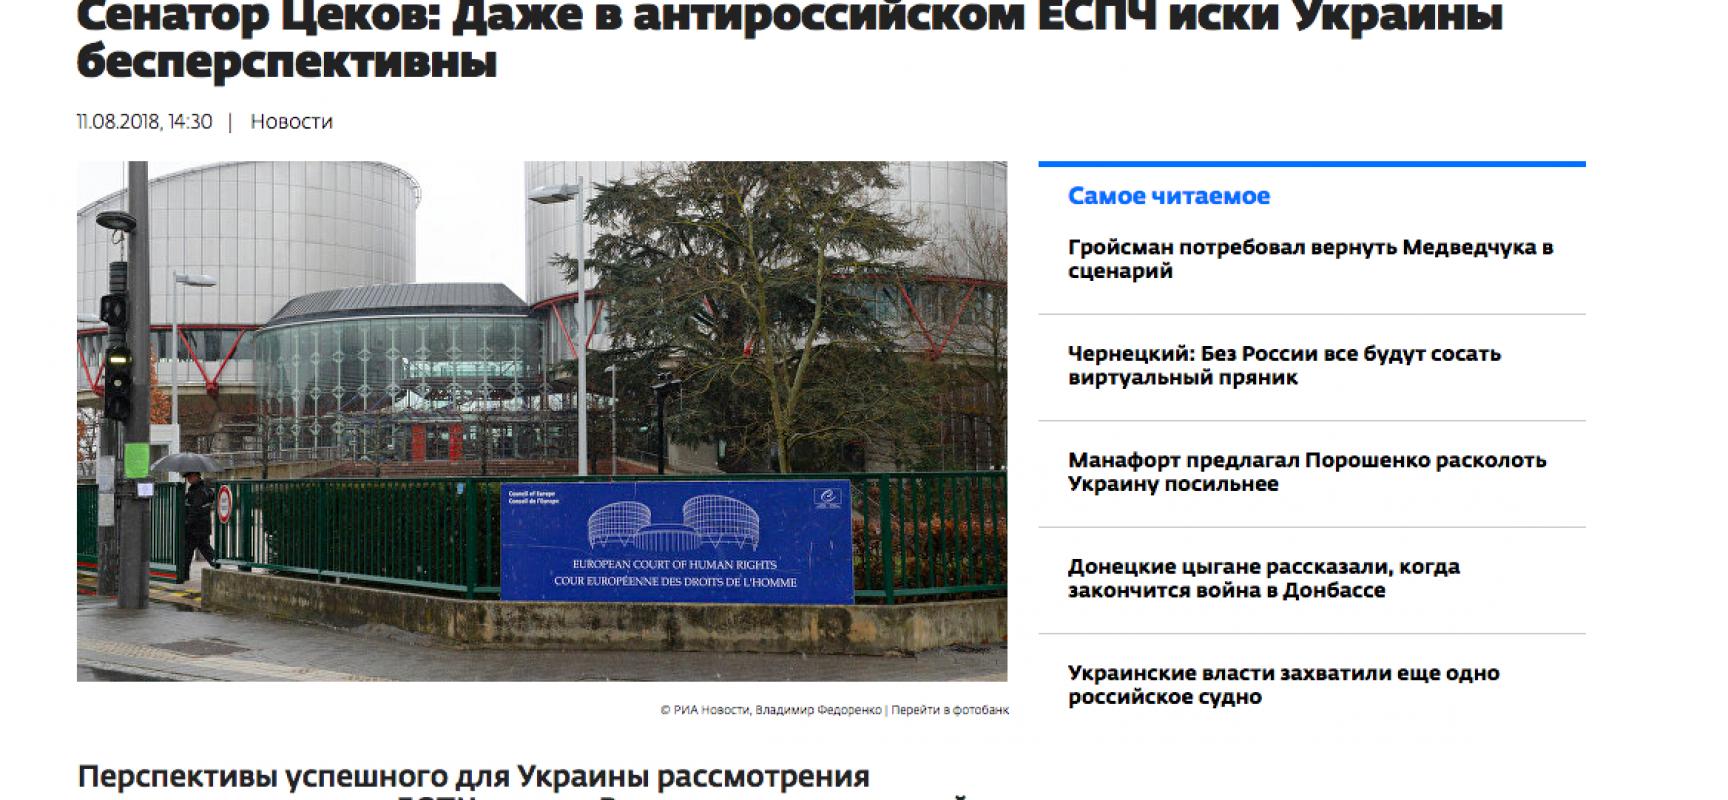 Fake: L'Ucraina non ha possibilità di vincere nella CEDU